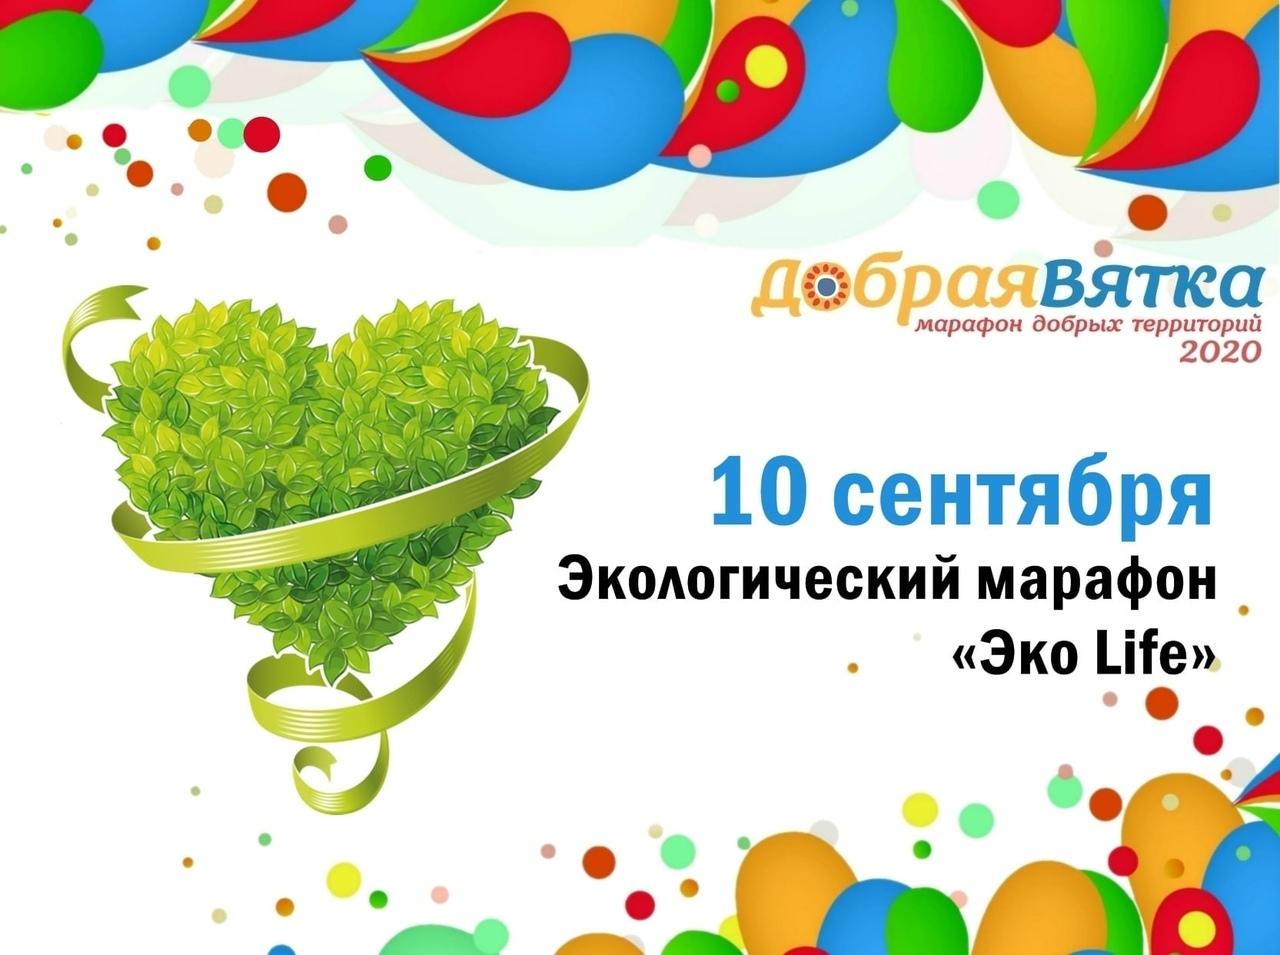 Организатор марафона «Эко Life» Кировское отделение Российского экологического общества